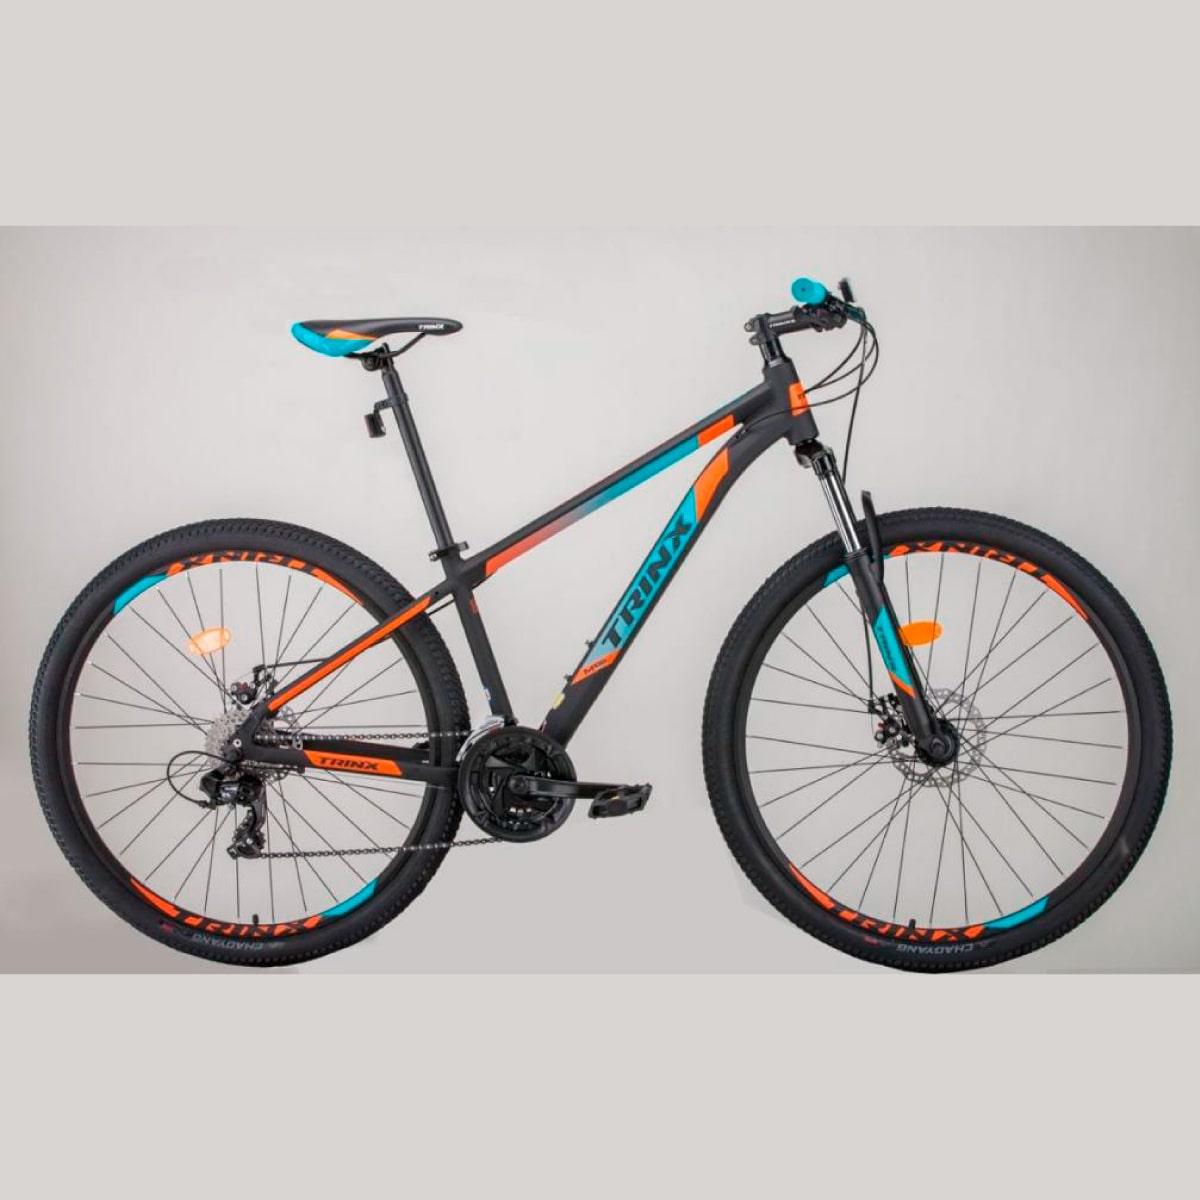 Bike Trinx M100 Max 2020 24v Shimano Verde Laranja